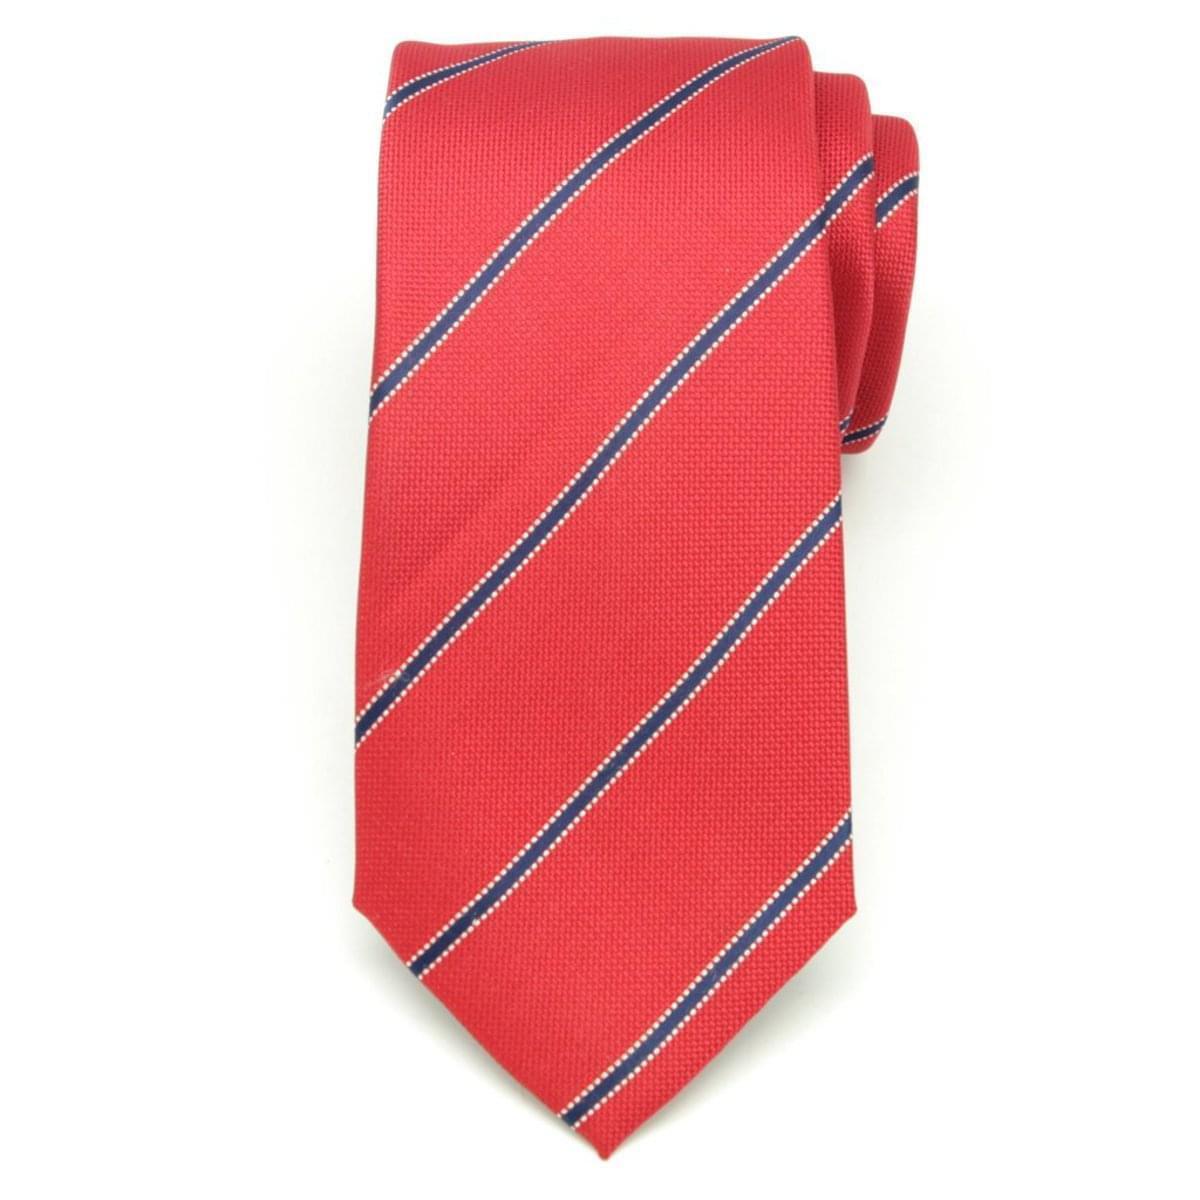 Pánská kravata z mikrovlákna (vzor 1180) 6519 v červené barvě